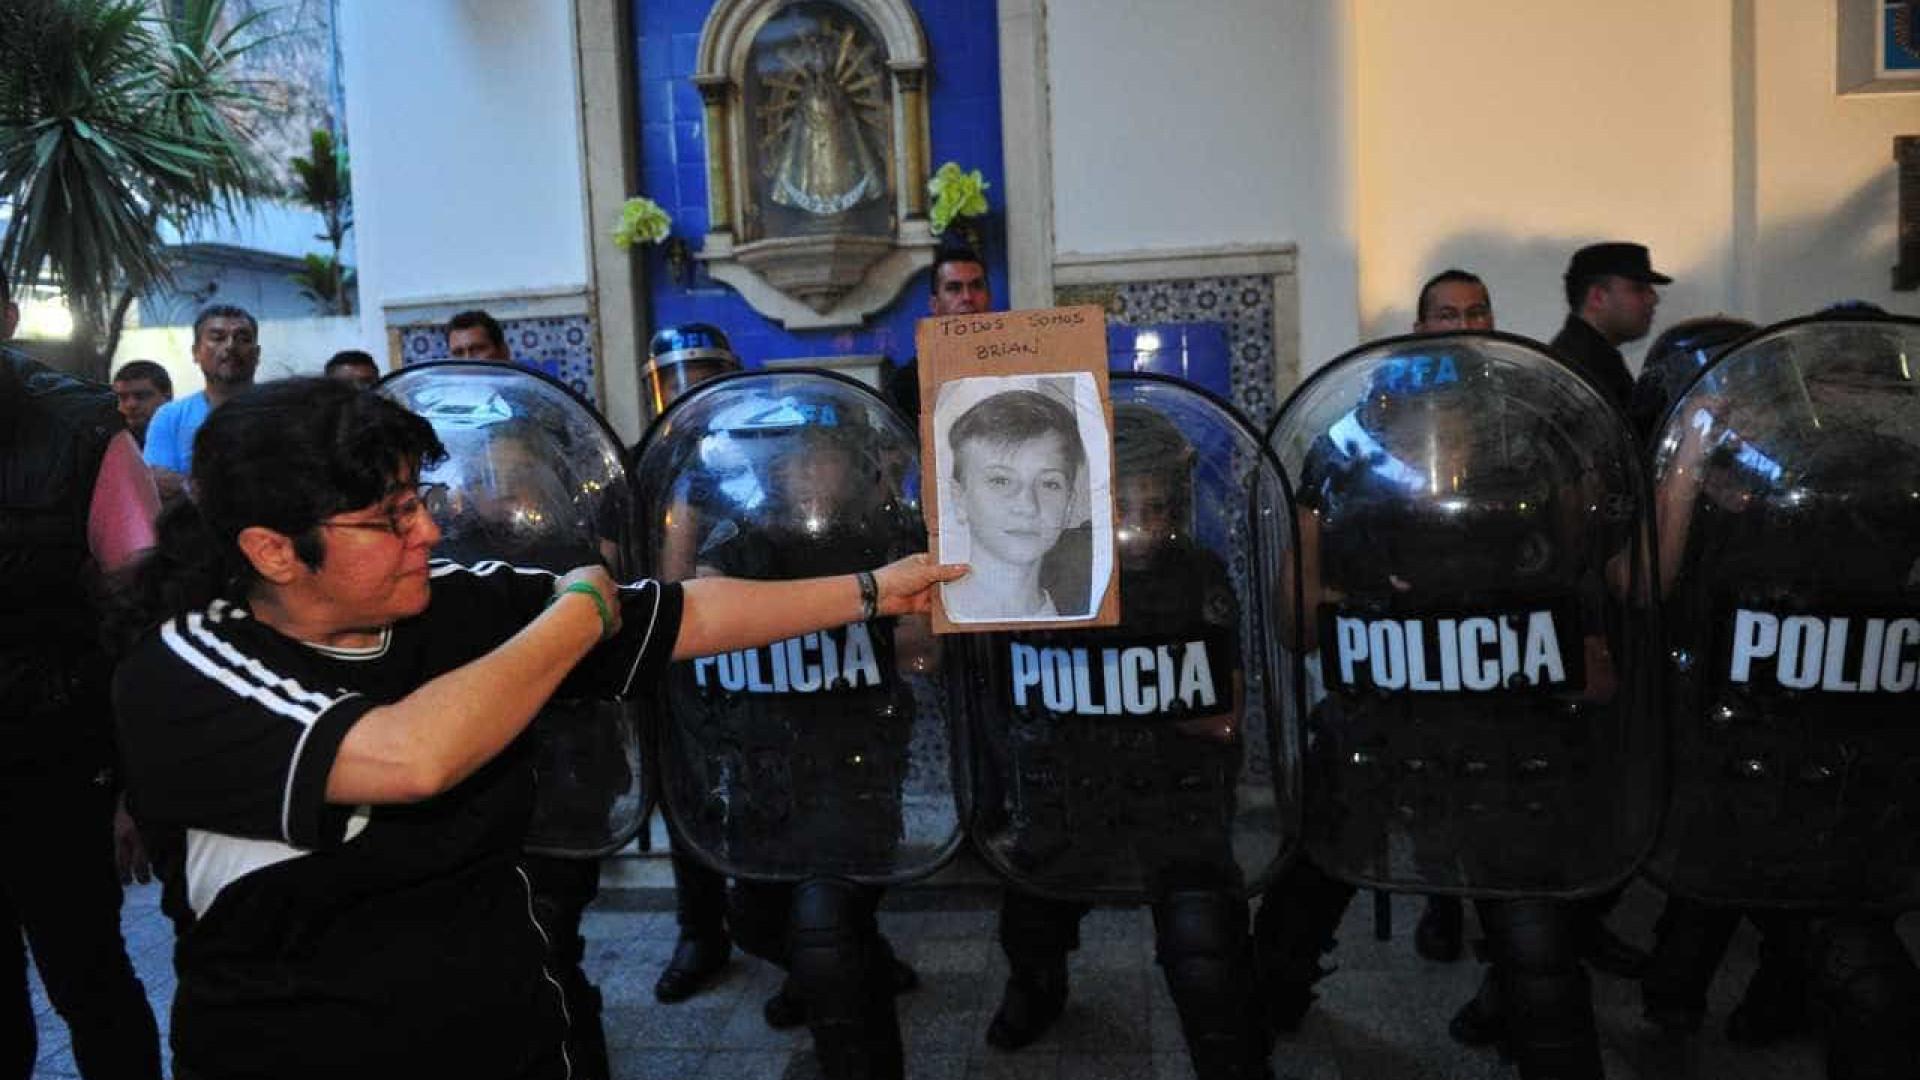 Argentina discute reduzir maioridade  penal após crimes de adolescentes